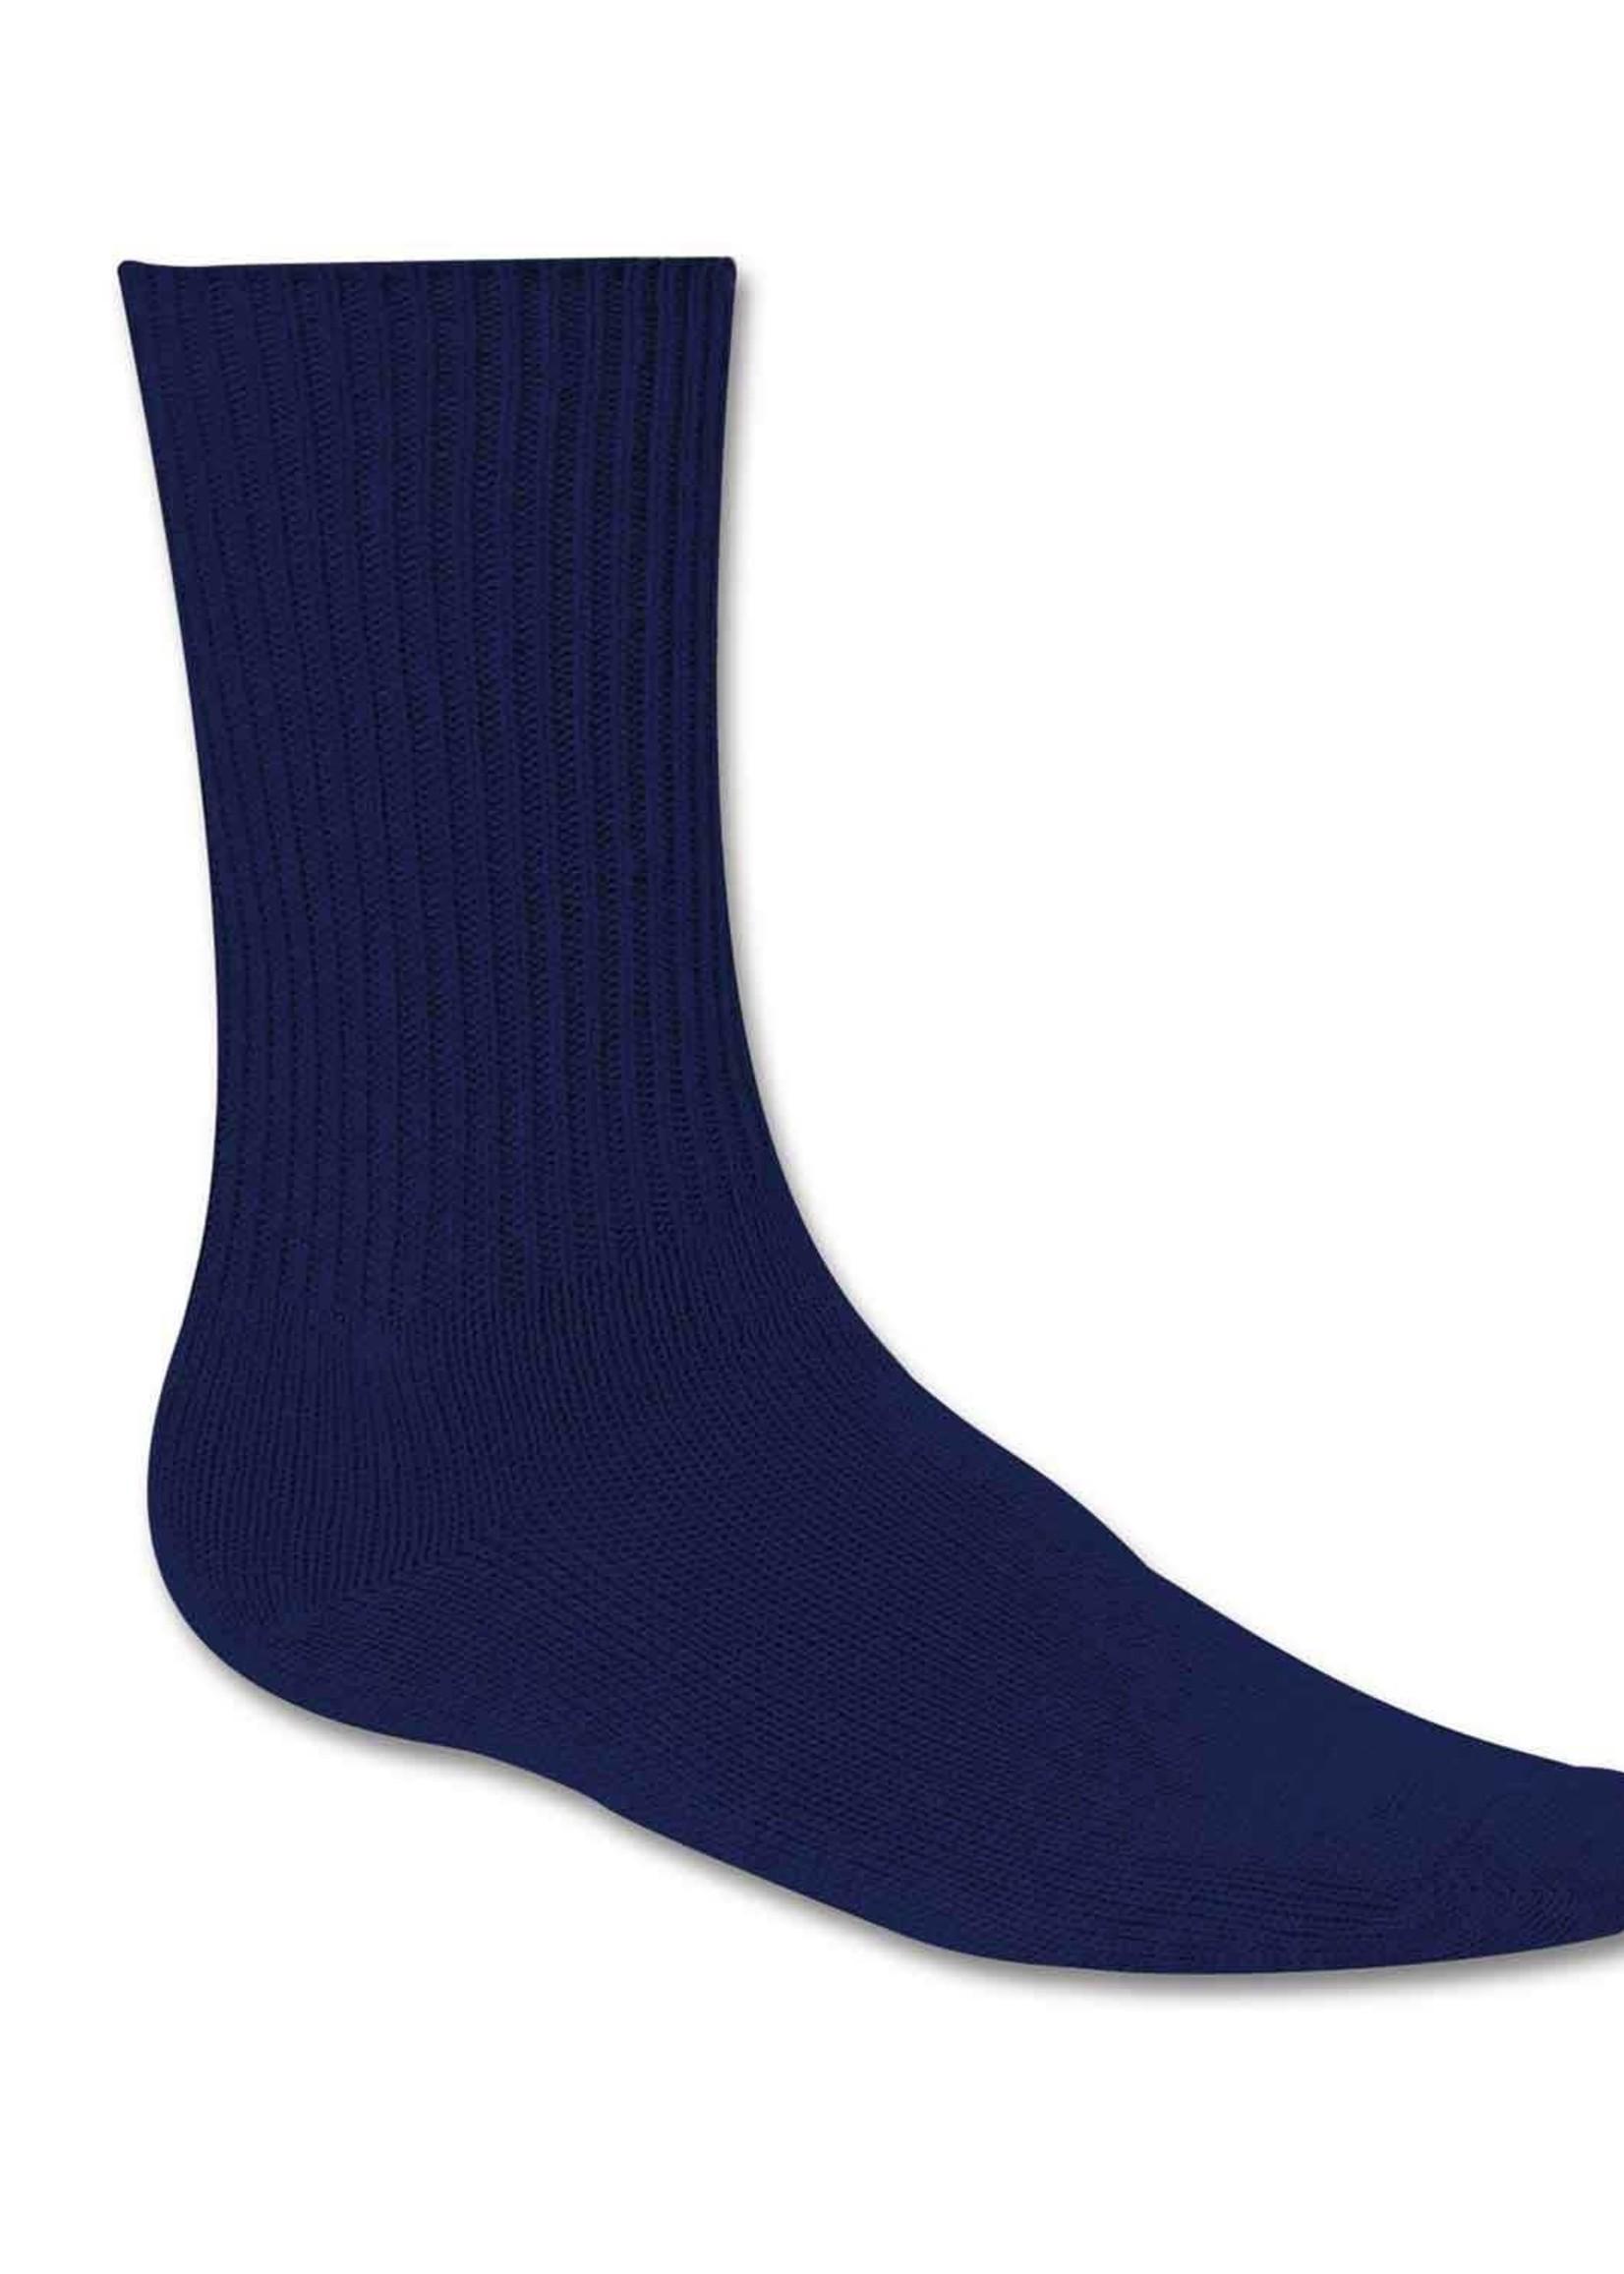 0045 Crew Sock